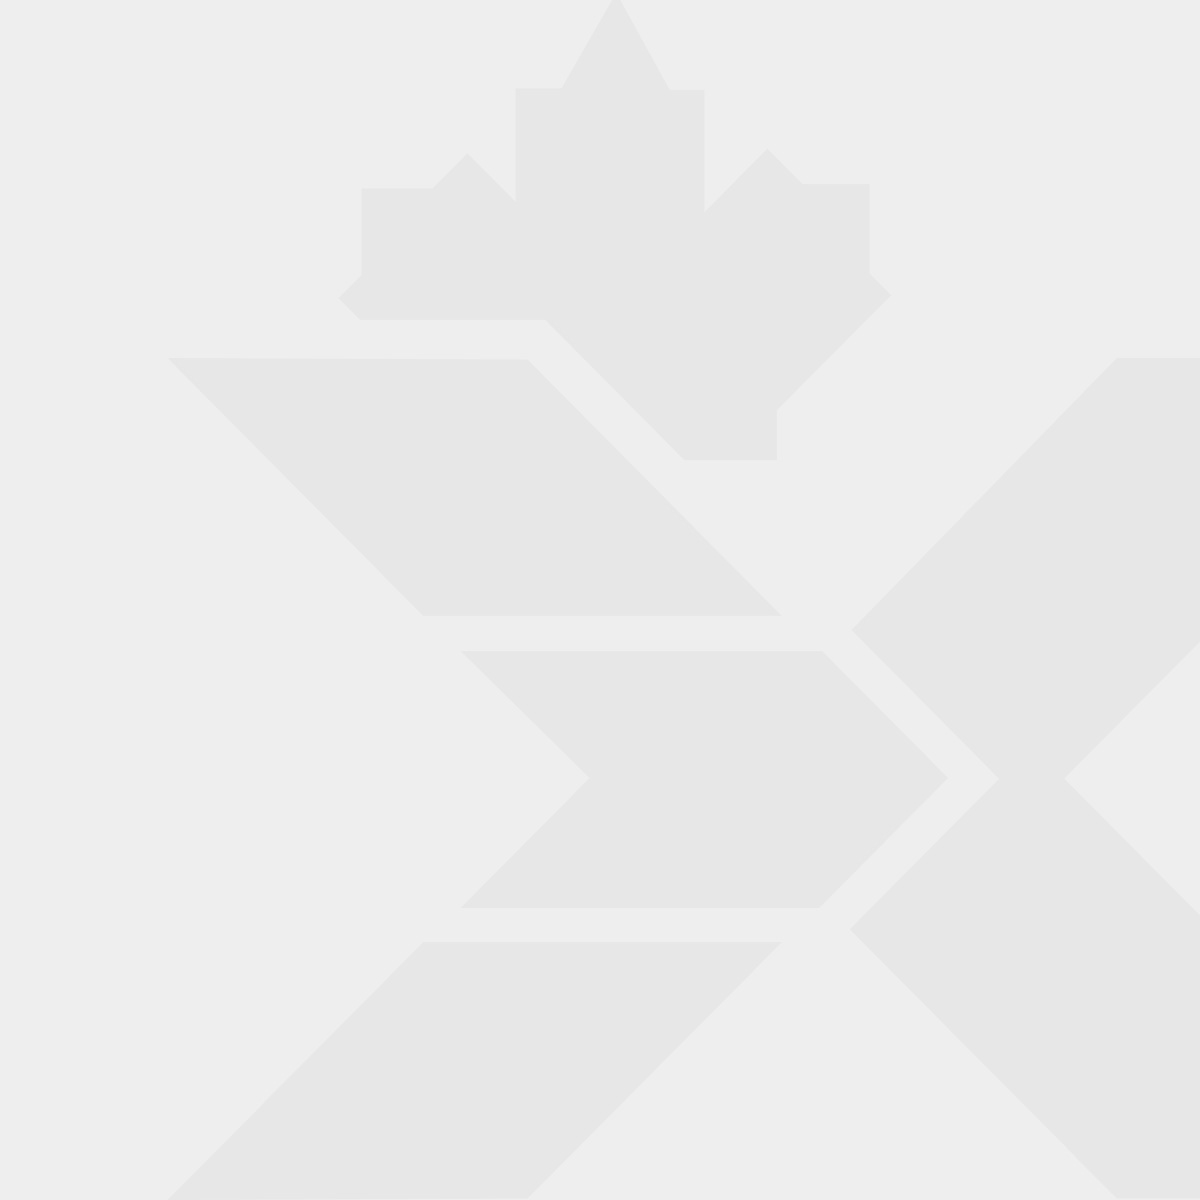 ALLMAX Isoflex Poudre de protéines - Vanille 2lb